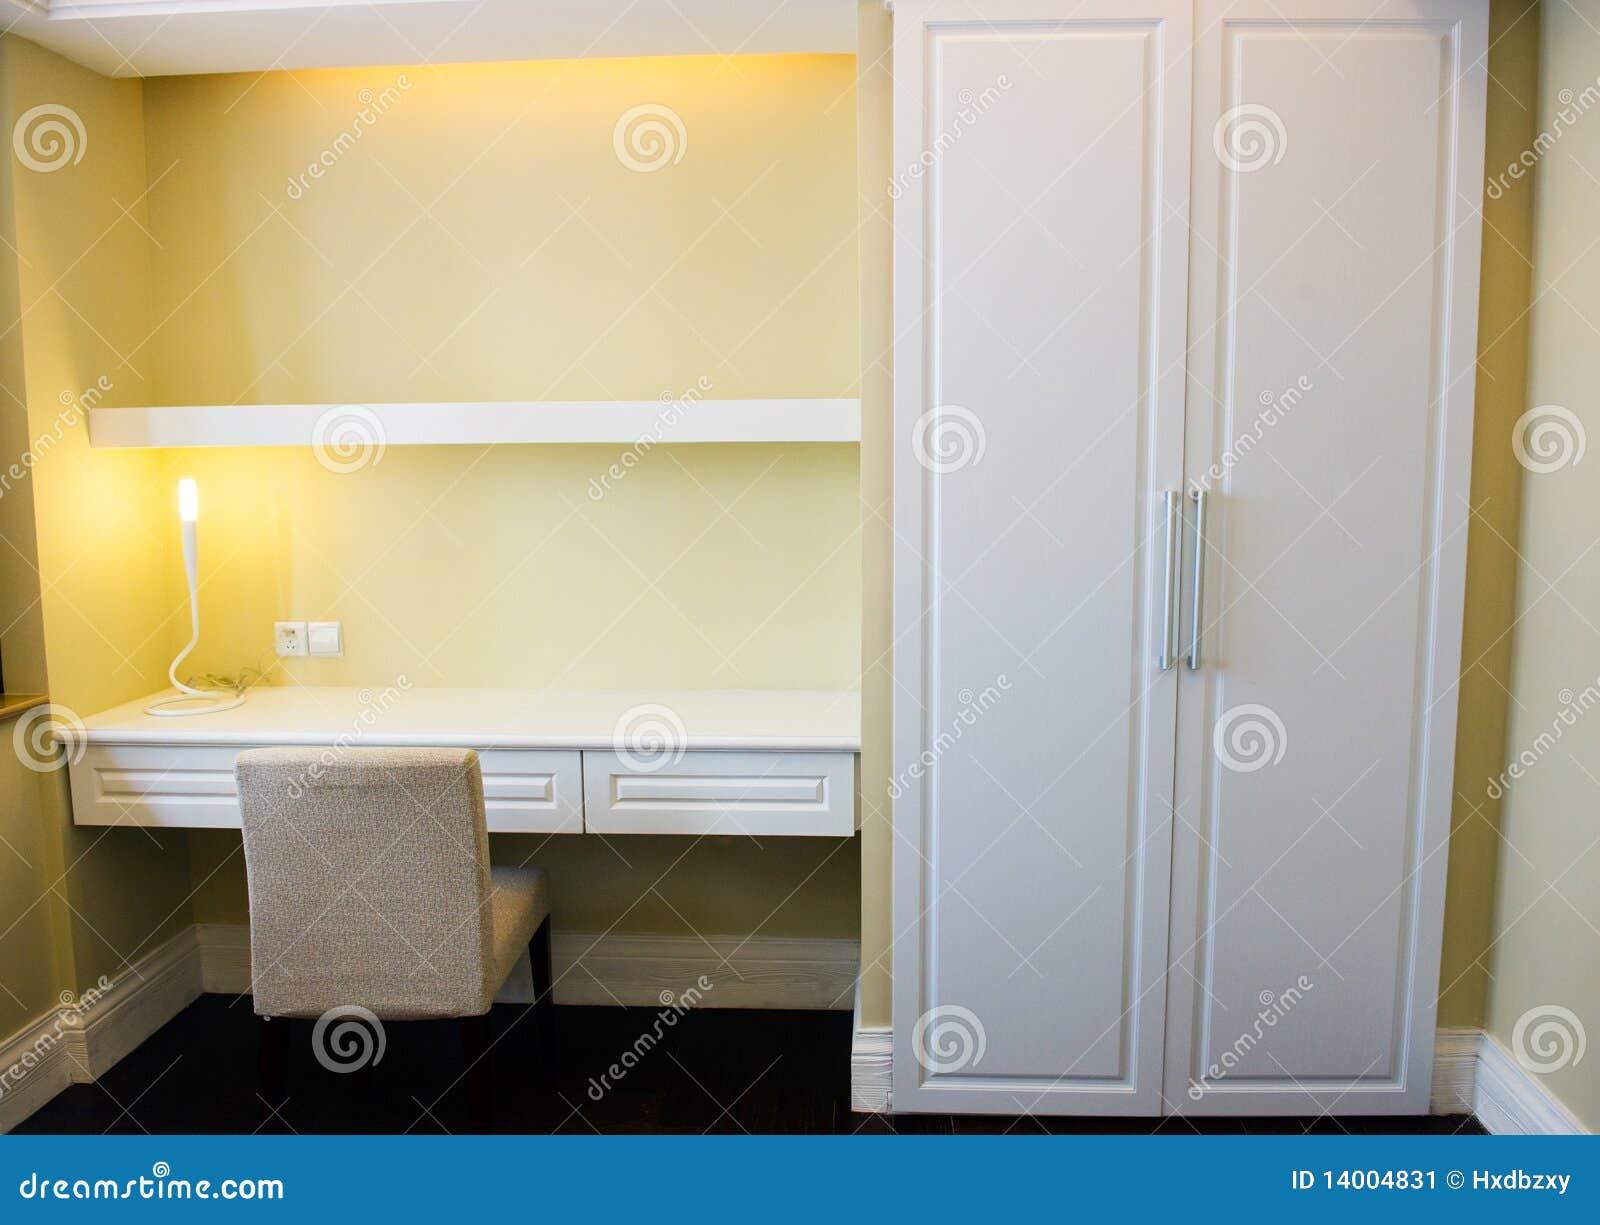 Mensole Per Camera Da Letto : Mensola e tabella in camera da letto immagine stock immagine di